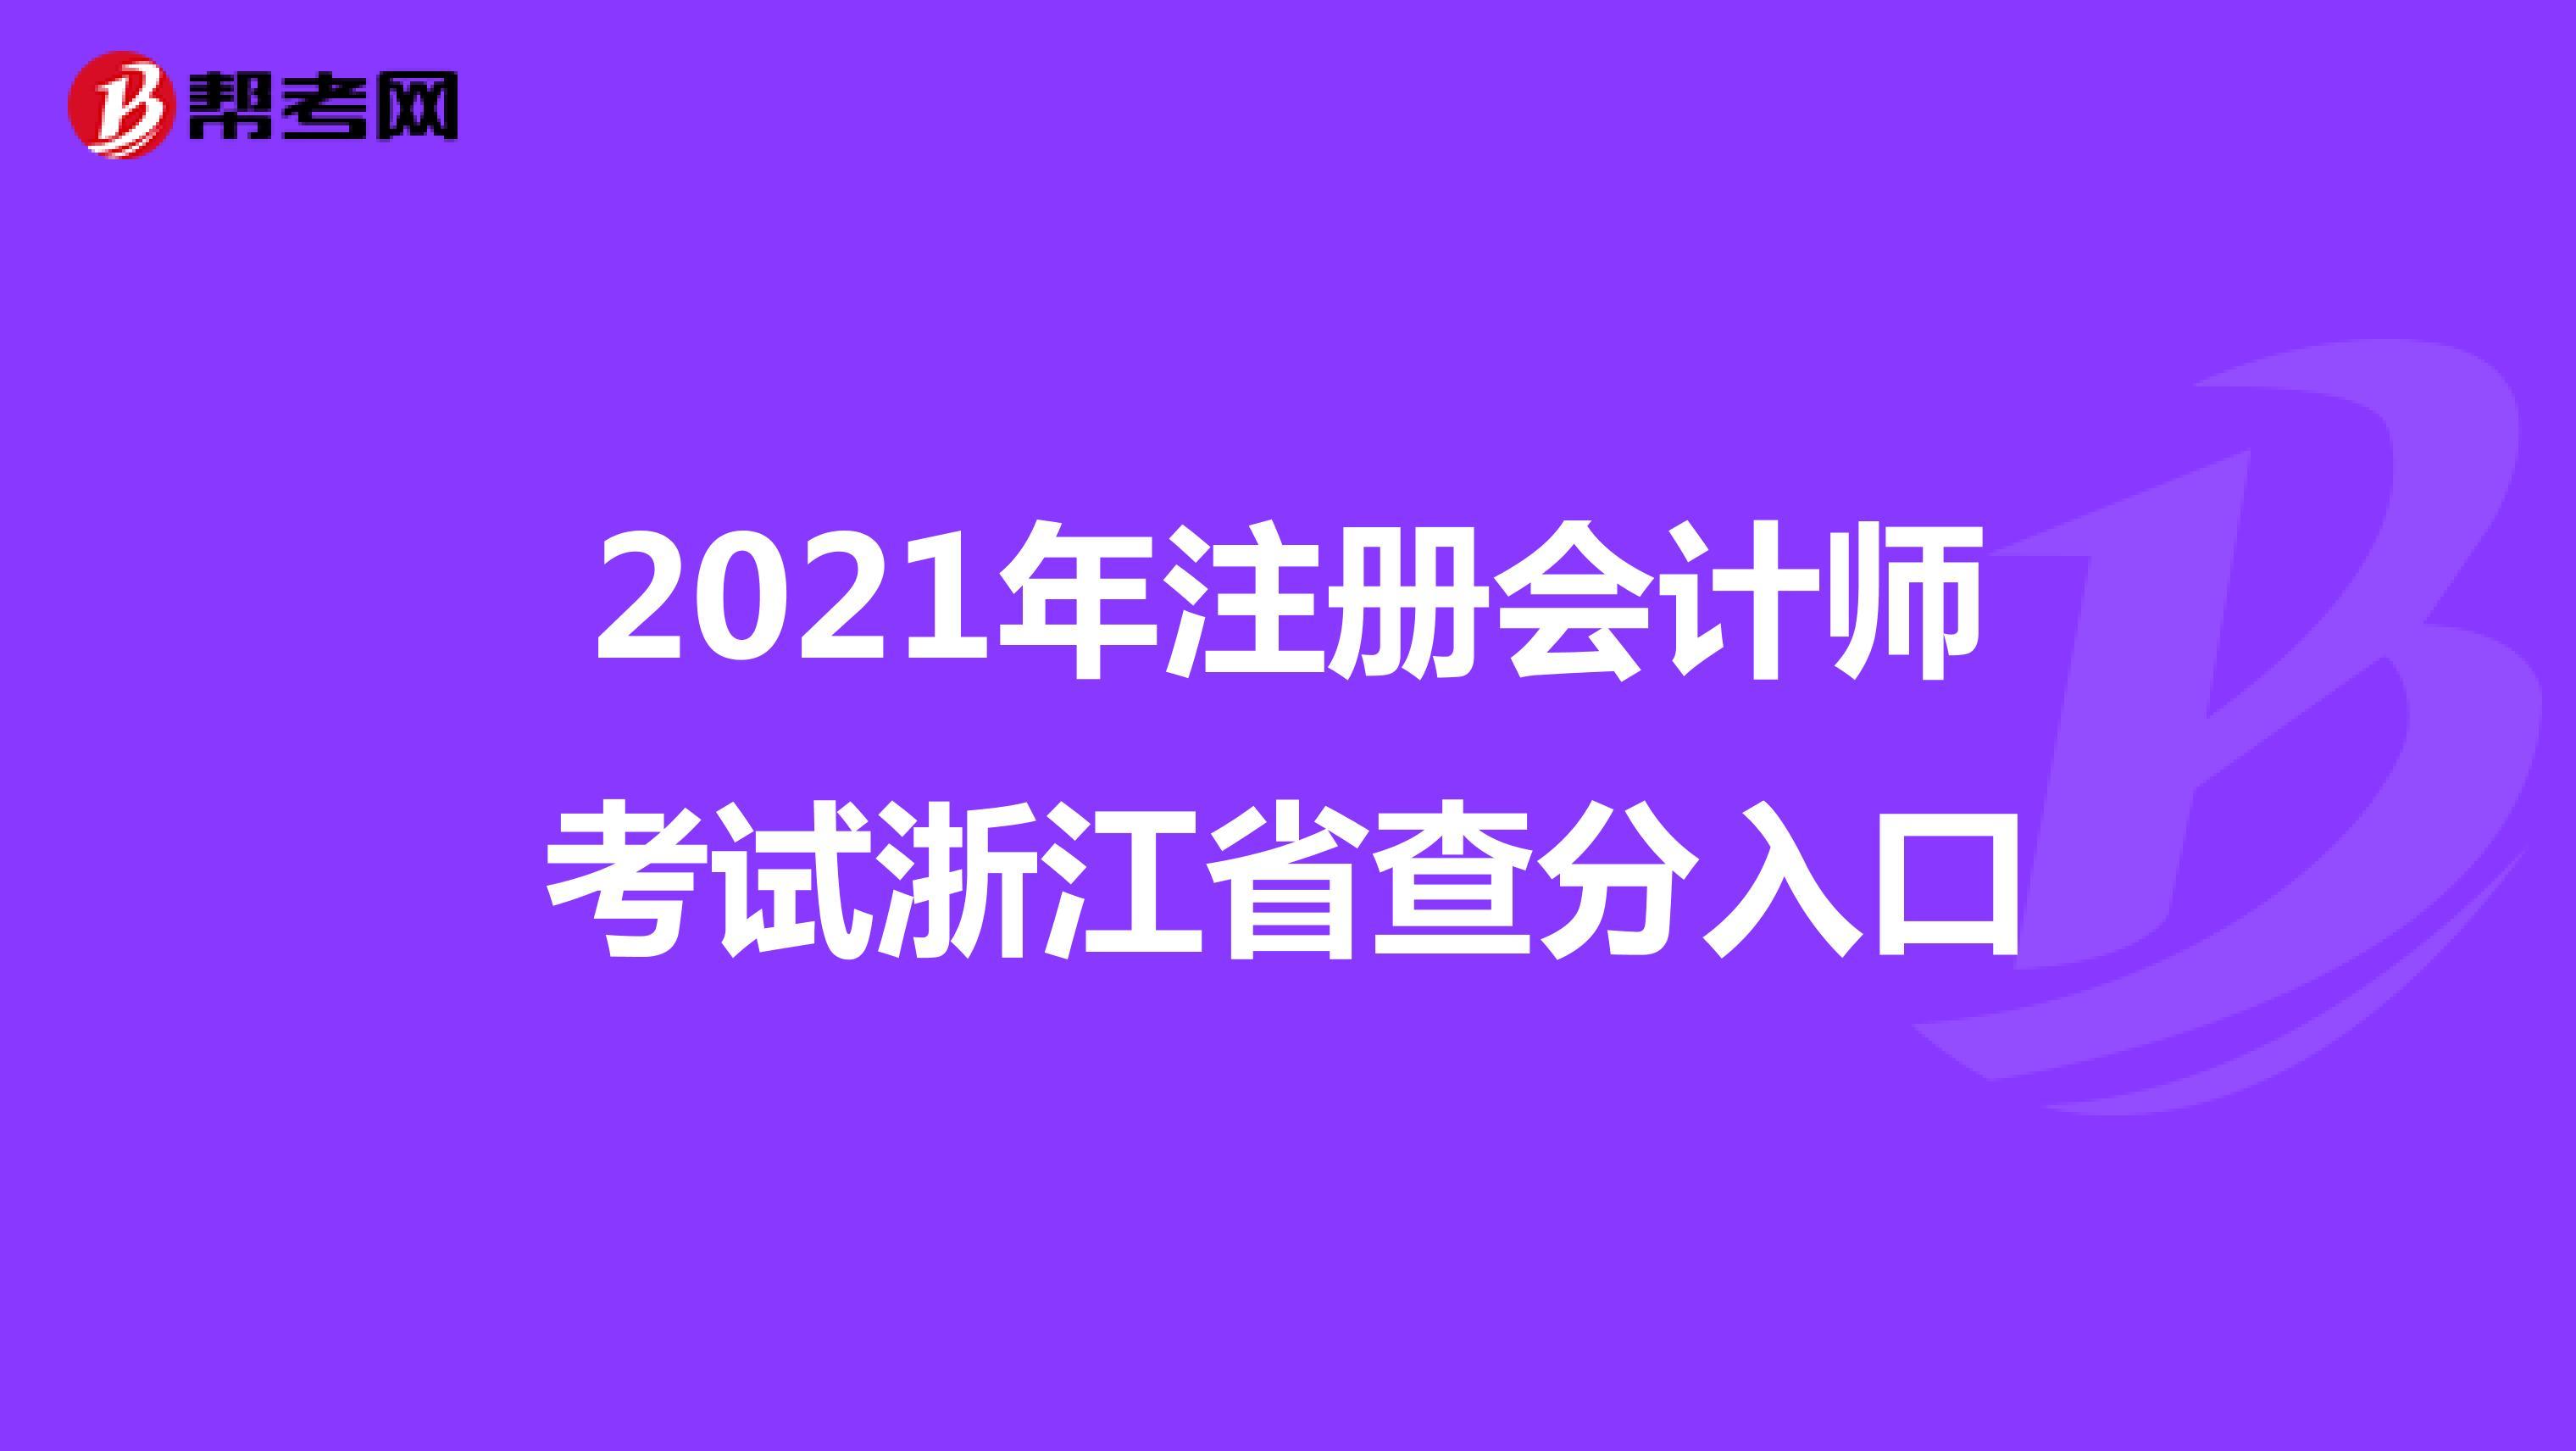 2021年注册会计师考试浙江省查分入口